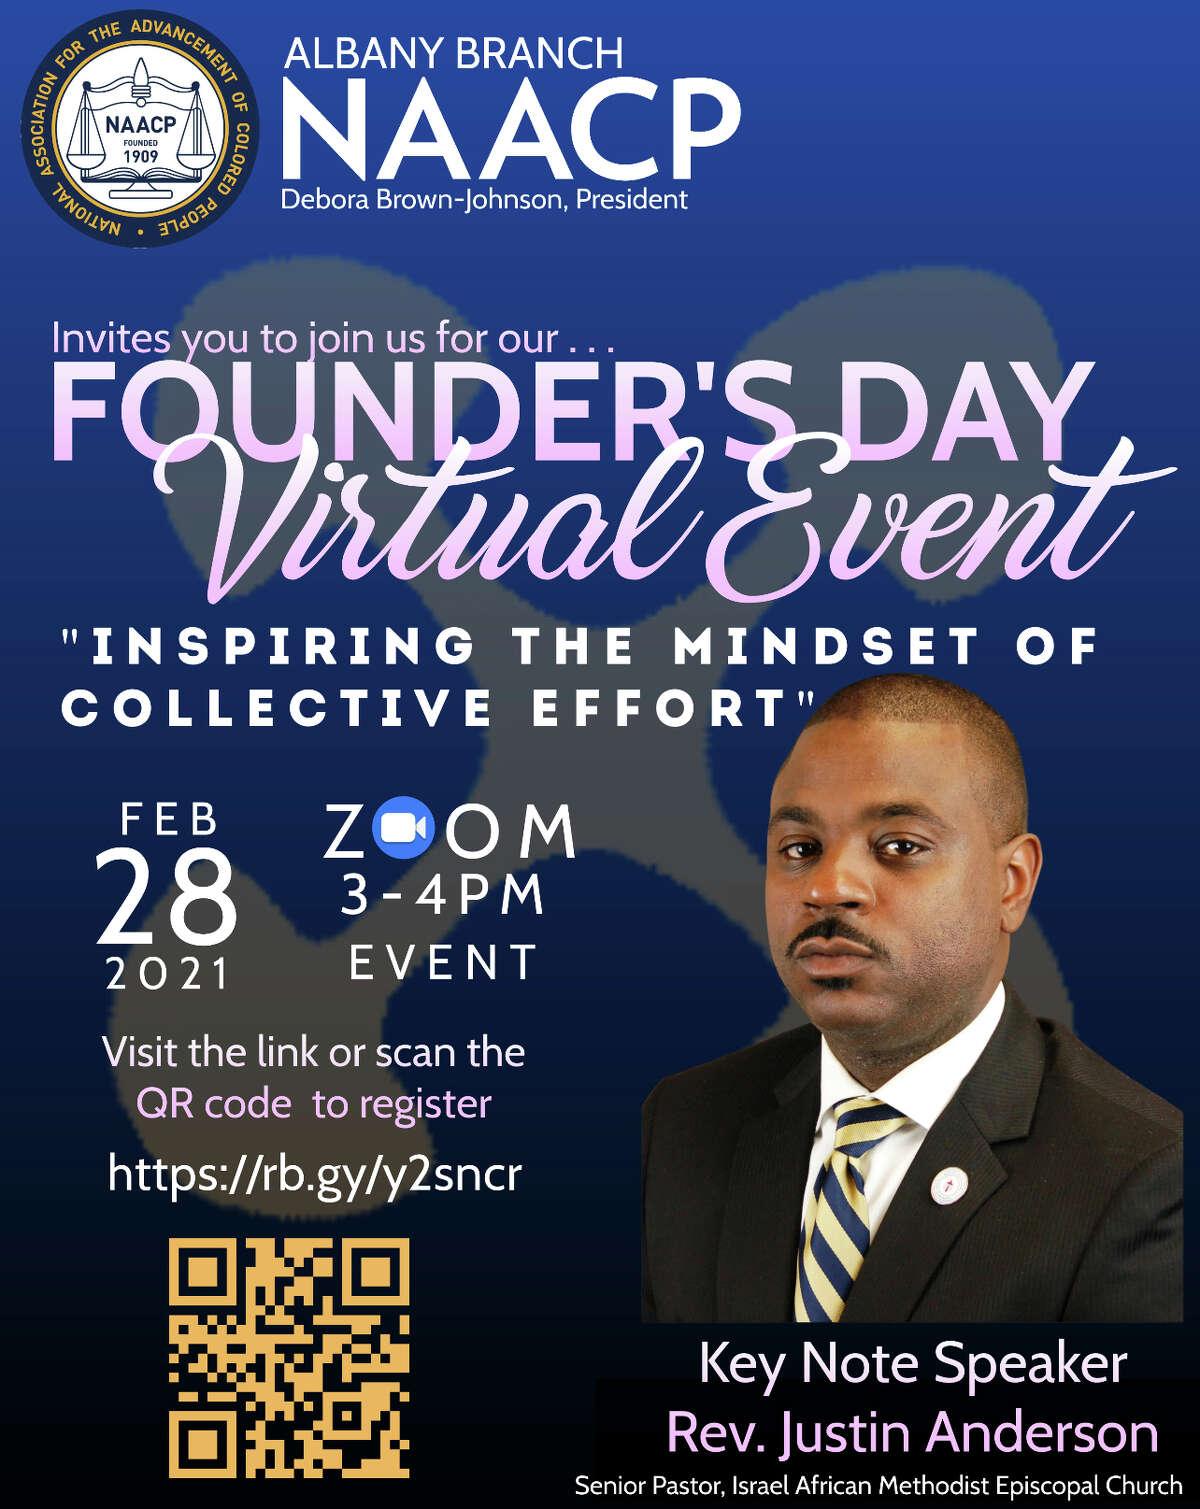 Abany NAACP will mark Founders Day Sunday, Feb. 28.